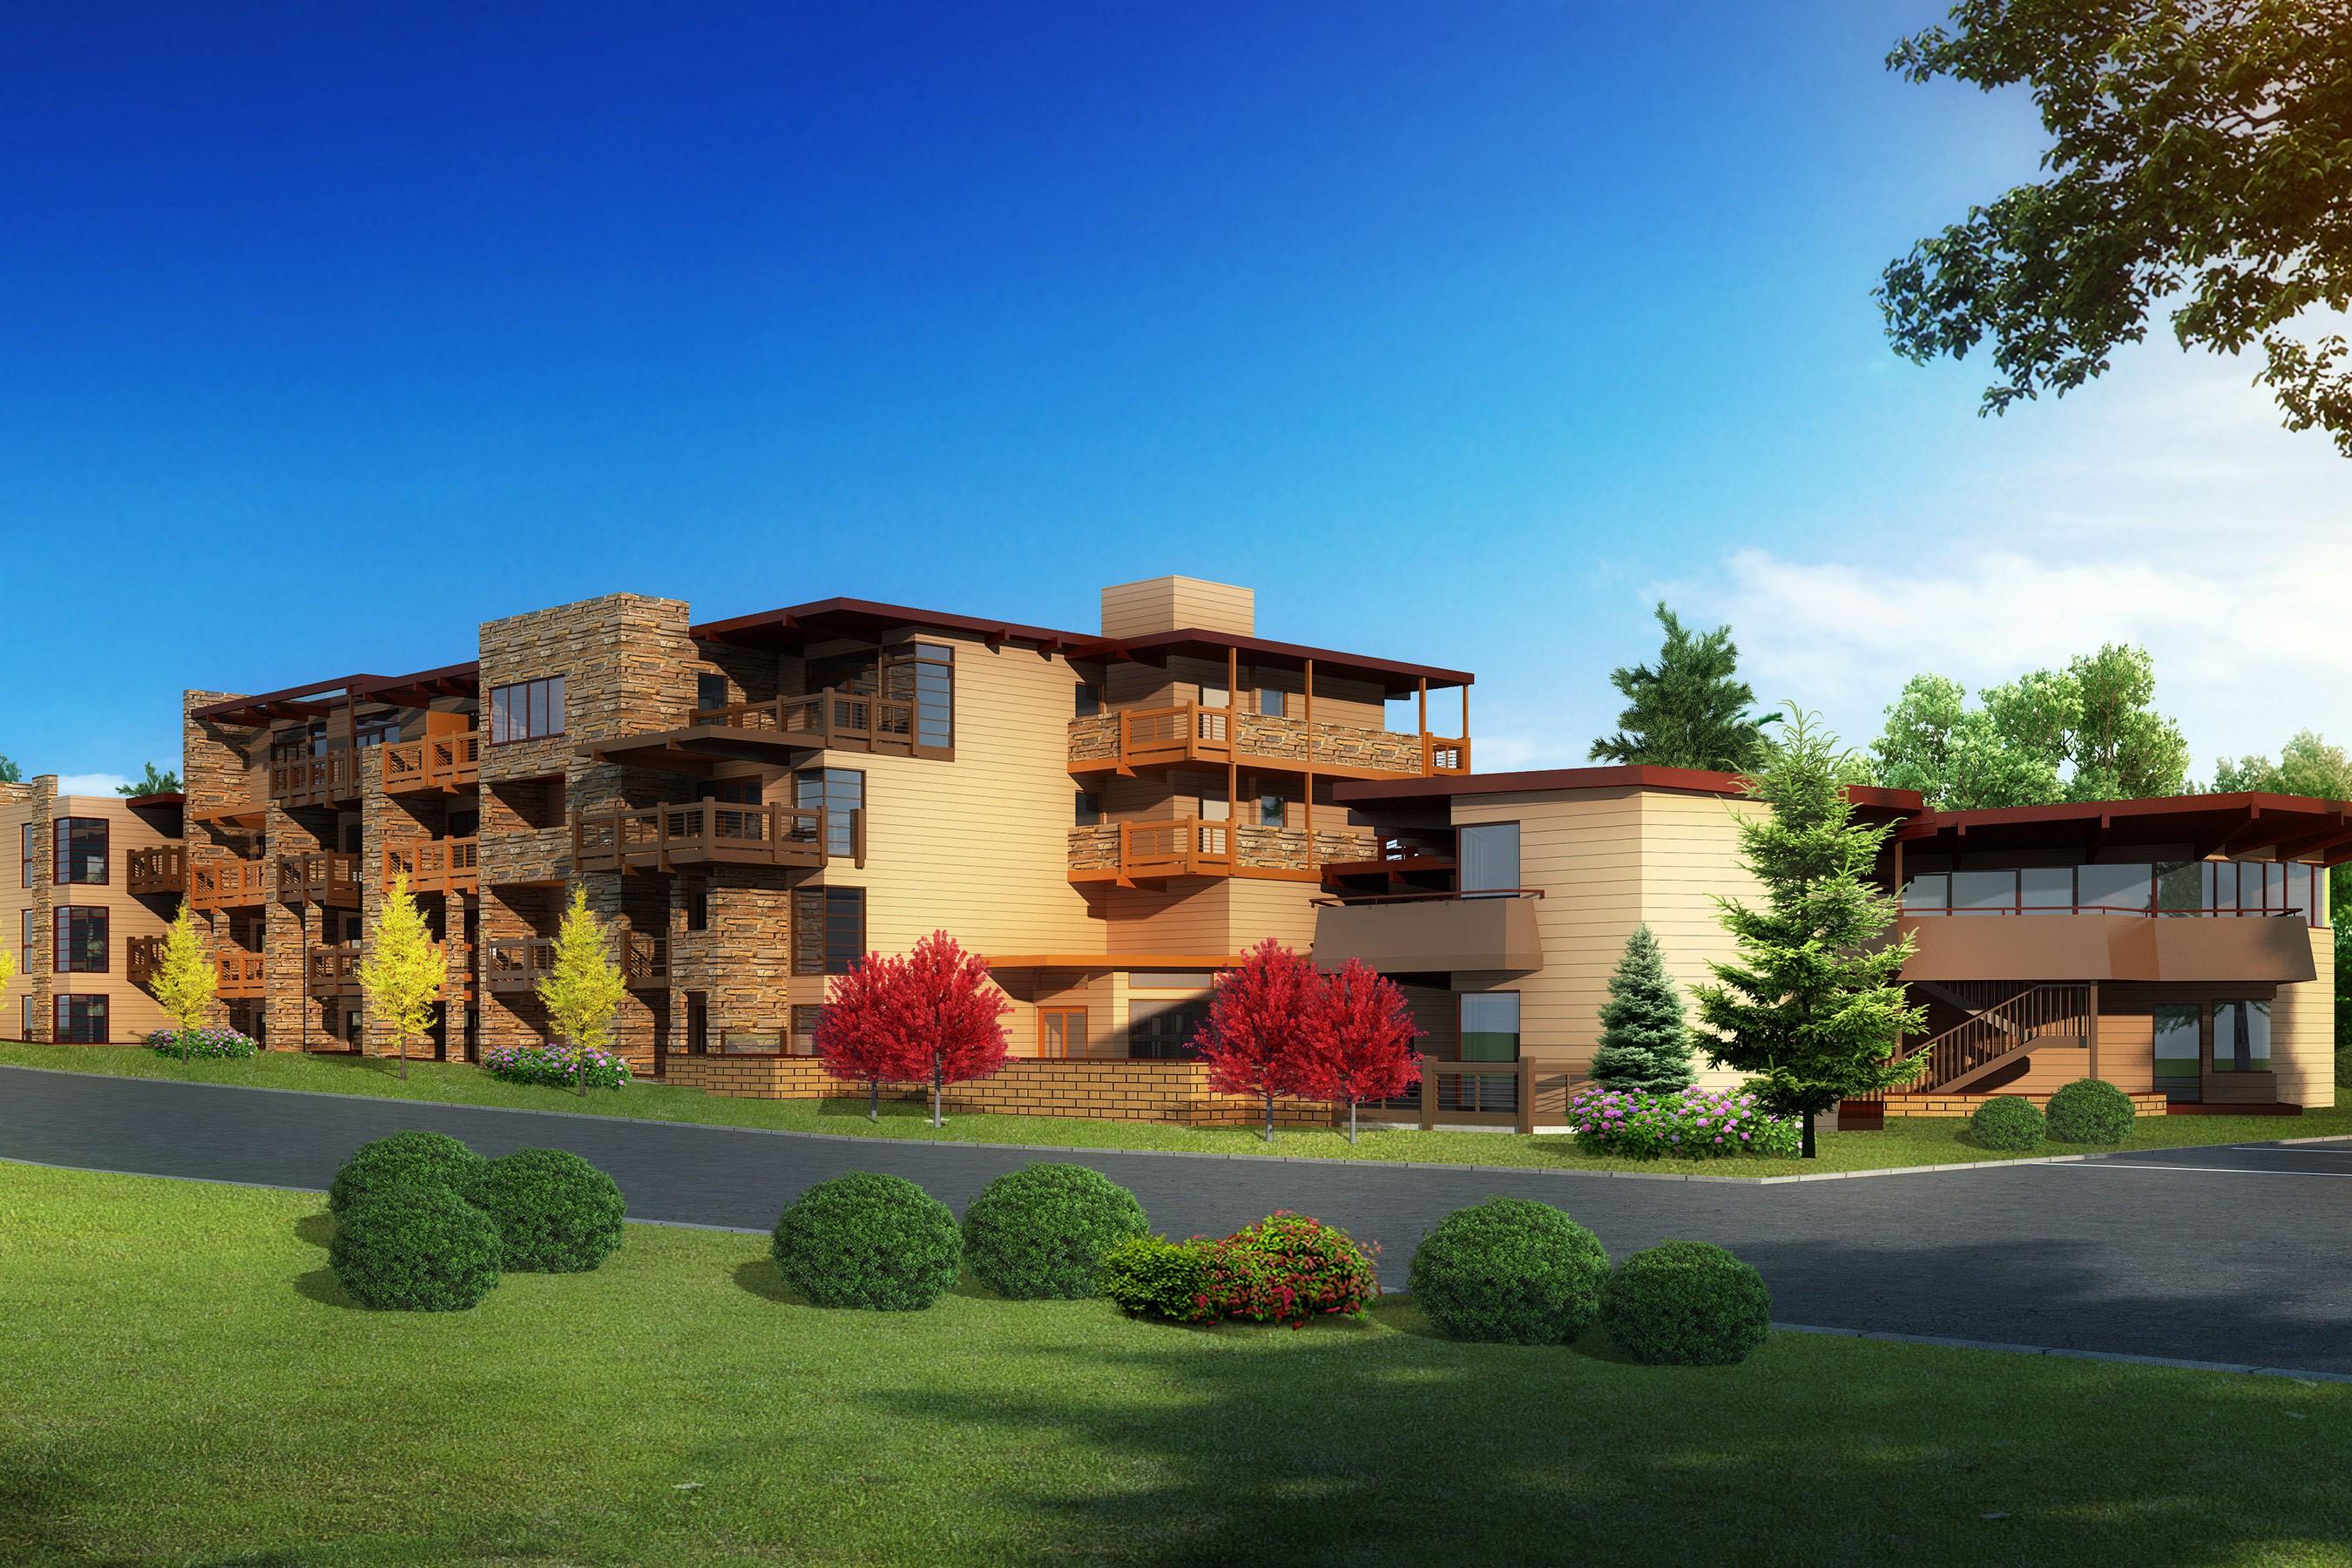 Кооперативная квартира для того Продажа на Boomerang Lodge 500 W. Hopkins Avenue Unit 212 & 213 Aspen, Колорадо, 81611 Соединенные Штаты